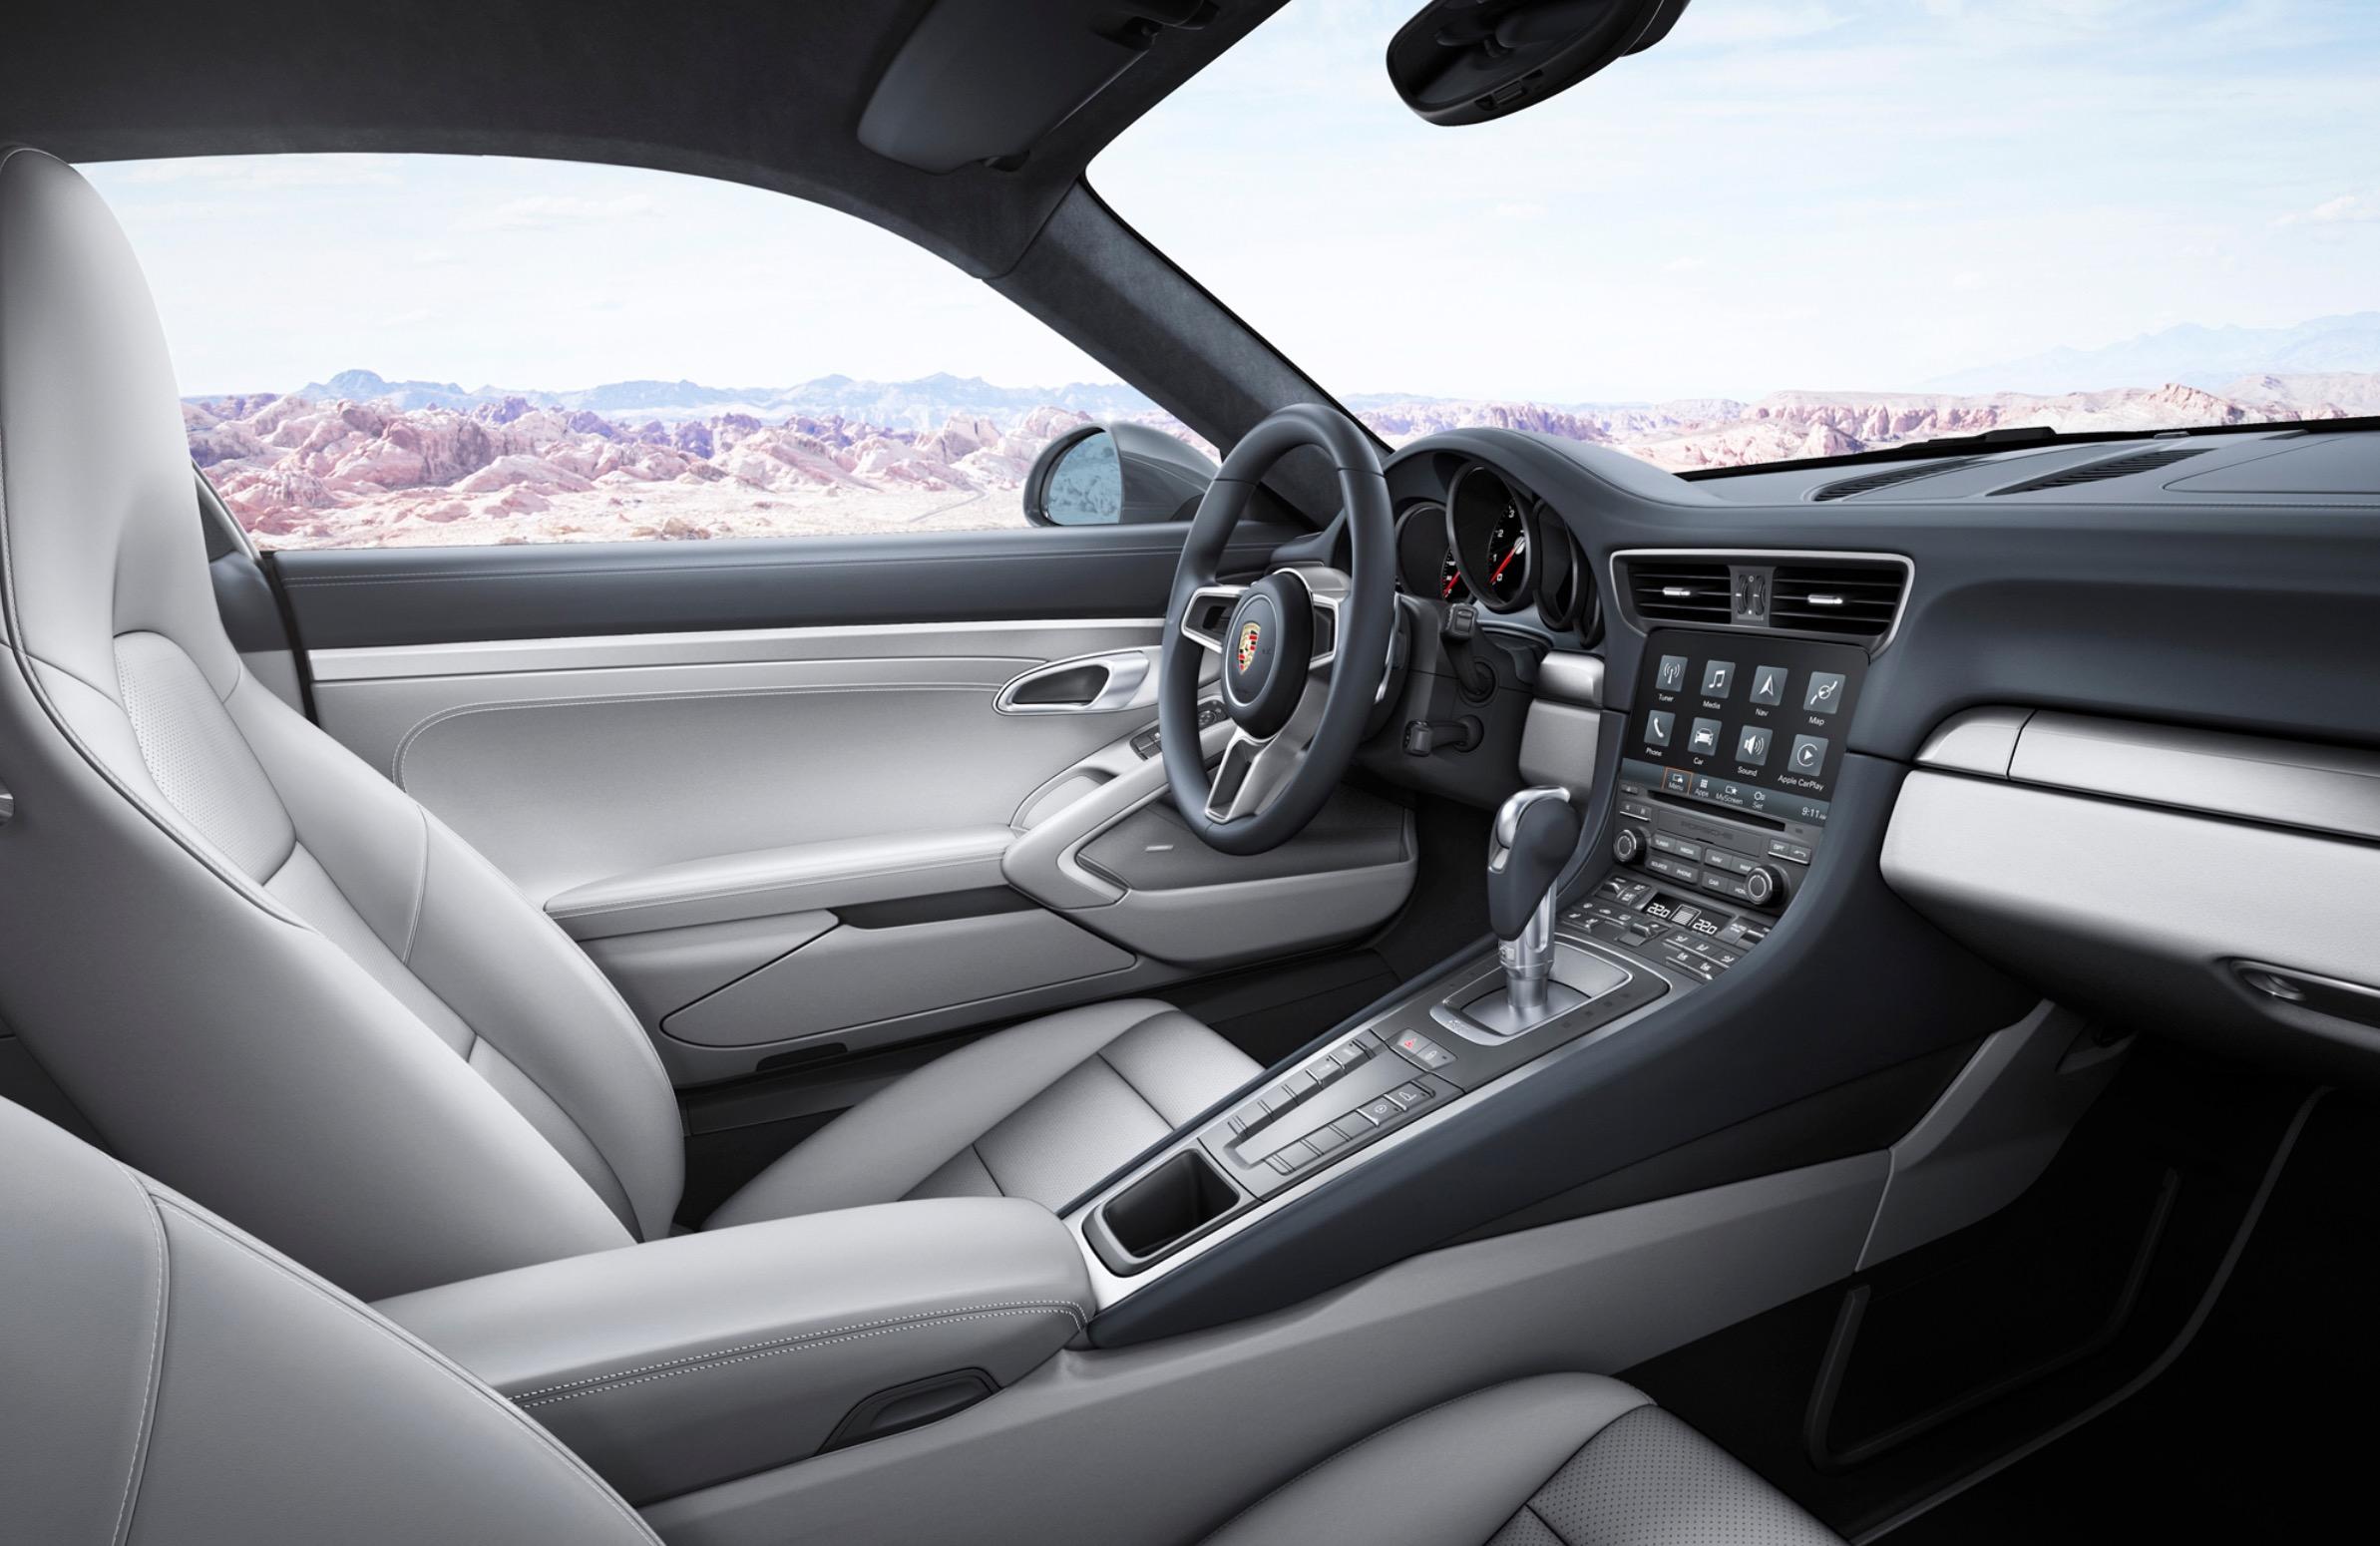 Porsche solo CarPlay